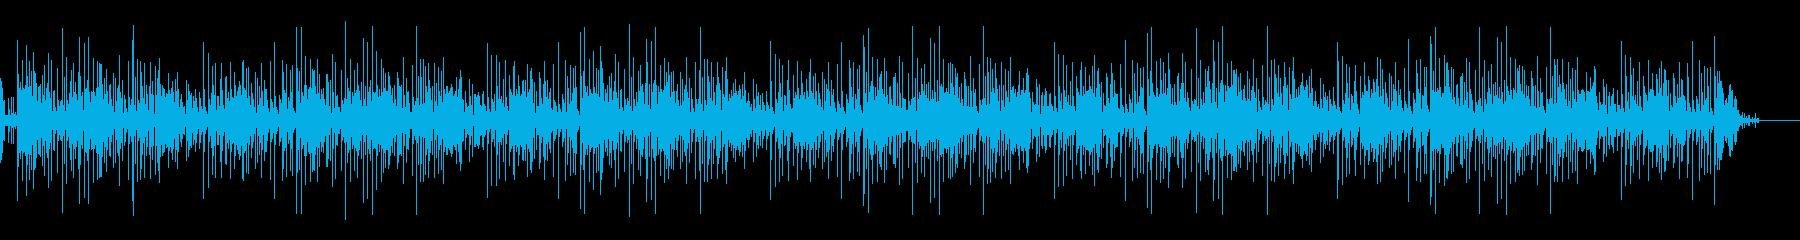 スチールドラムの明るい曲の再生済みの波形